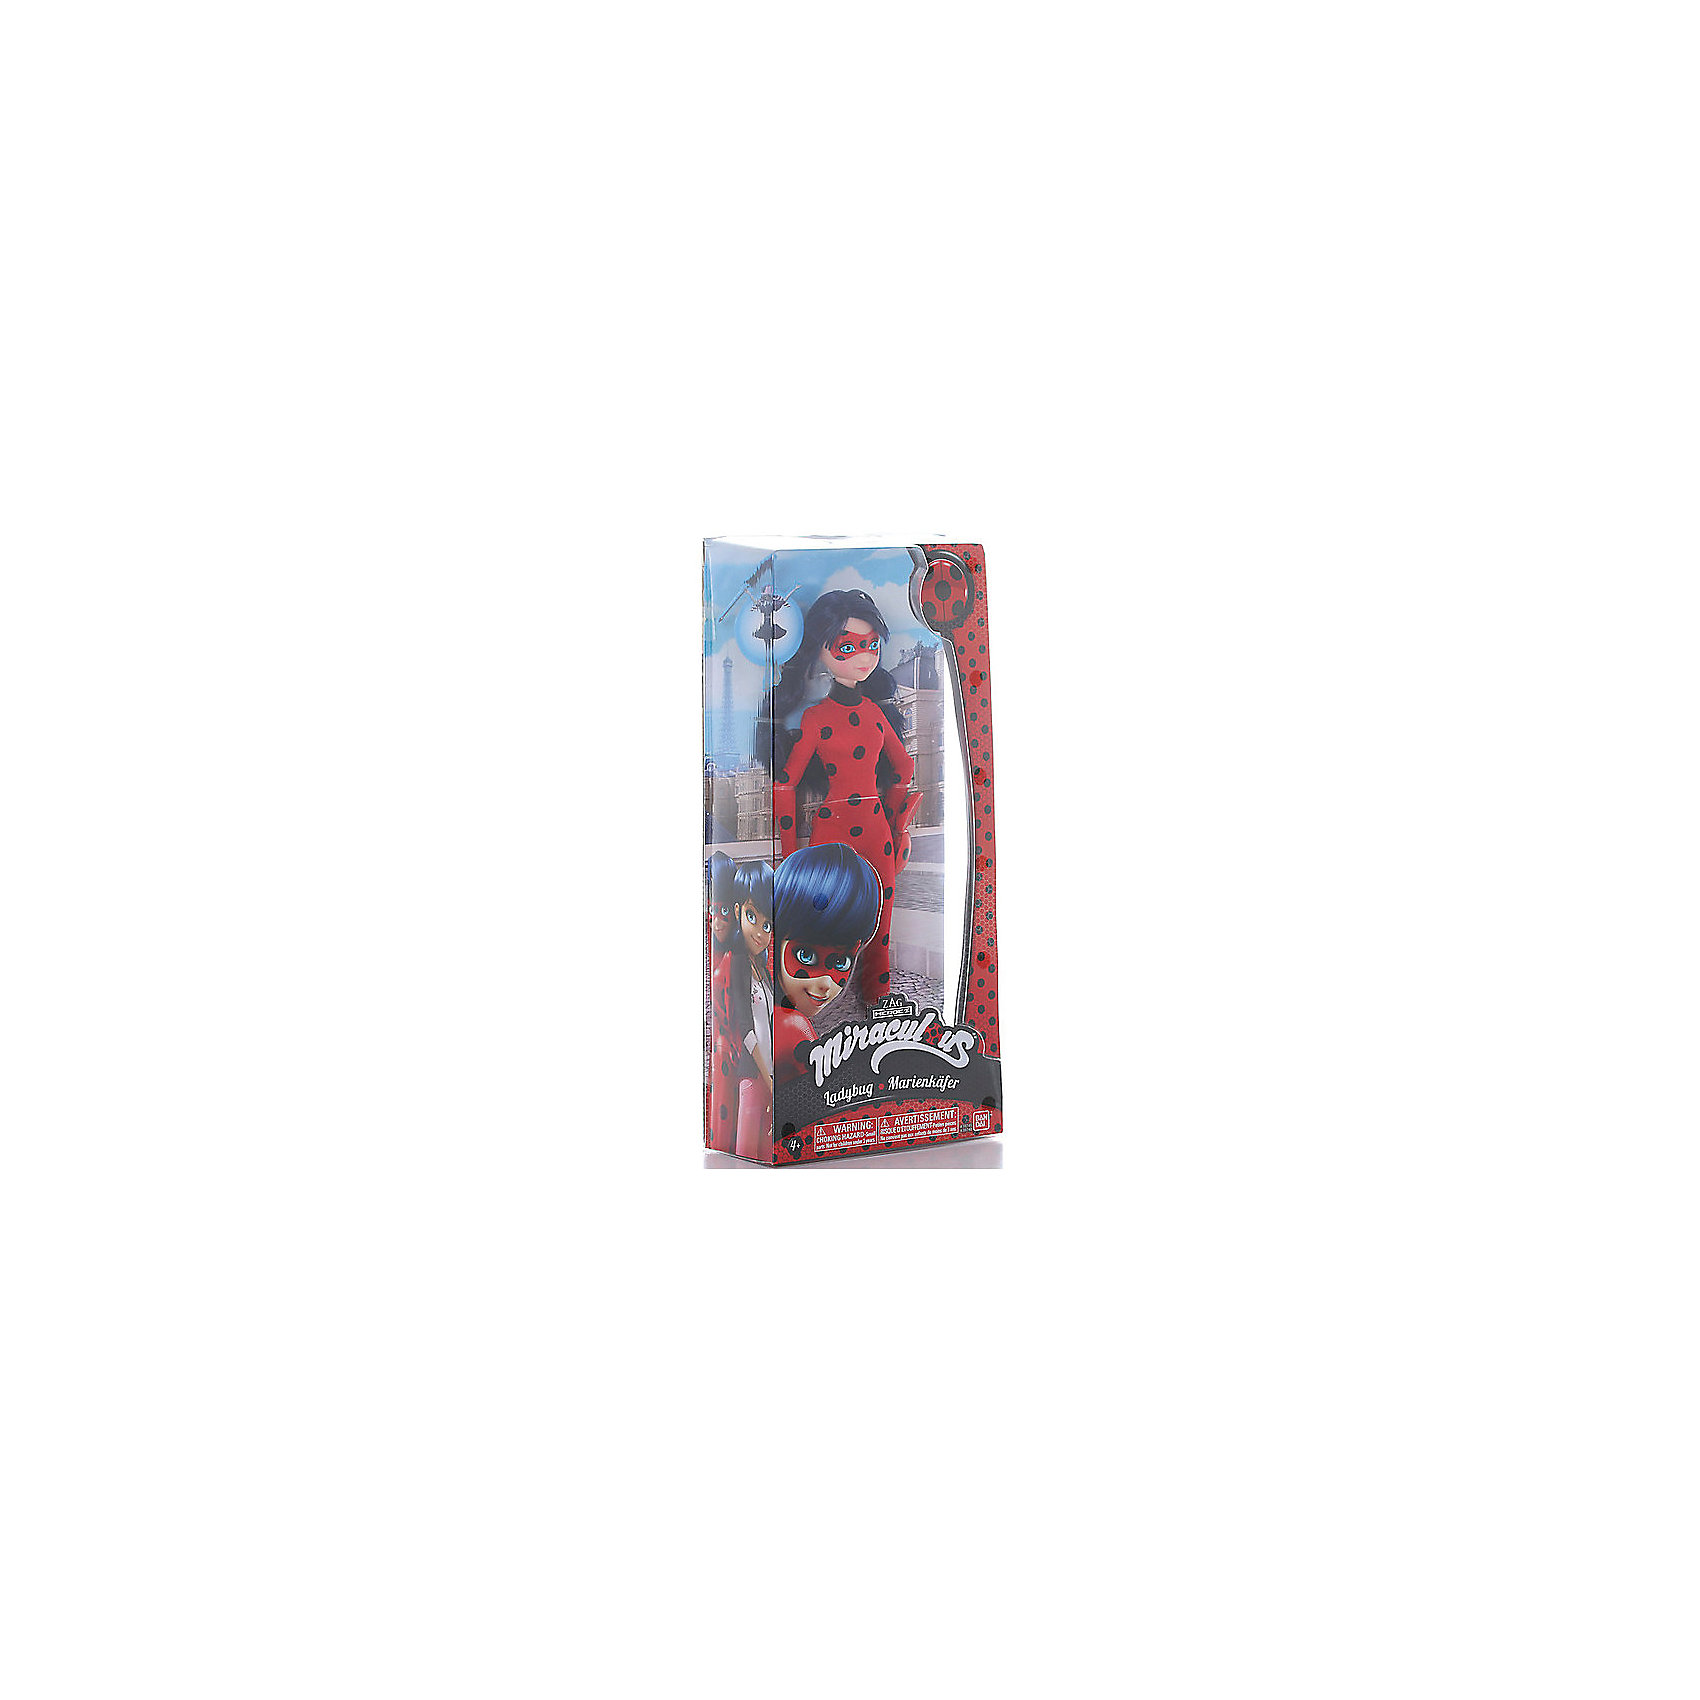 Кукла Леди Баг и Супер-Кот, Леди Баг 26 смКукла Леди Баг, 26 см, Леди Баг и Супер-Кот.<br><br>Характеристики:<br><br>- Высота куклы: 26 см.<br>- Материал: пластик, текстиль<br>- Размер упаковки: 15,2 х 6,4 х 34,3 см.<br><br>Кукла Леди Баг создана на основе популярного детского мультфильма Леди Баг и Супер-Кот, сюжет которого посвящен приключениям двух юных супергероев в современном Париже. Кукла выполнена в виде героини мультфильма Маринетт Дюпэн-Чэн в образе Леди Баг. Кукла одета в костюм божьей коровки ярко-красного цвета в чёрный горошек. Волосы темно синего цвета собраны в хвостики. Маска частично скрывает лицо куклы. Очень выразительно сделаны большие глаза куклы, смотрящие из-под маски. В руках она держит знаменитый телефон-гаджет, благодаря которому Баг с легкостью взбирается на стены, связывает преступников и общается с другими коллегами супергероями. Кукла выполнена из качественного пластика, руки и ноги подвижны.<br><br>Куклу Леди Баг, 26 см, Леди Баг и Супер-Кот купить в нашем интернет-магазине.<br><br>Ширина мм: 64<br>Глубина мм: 343<br>Высота мм: 152<br>Вес г: 318<br>Возраст от месяцев: 48<br>Возраст до месяцев: 2147483647<br>Пол: Женский<br>Возраст: Детский<br>SKU: 5158102